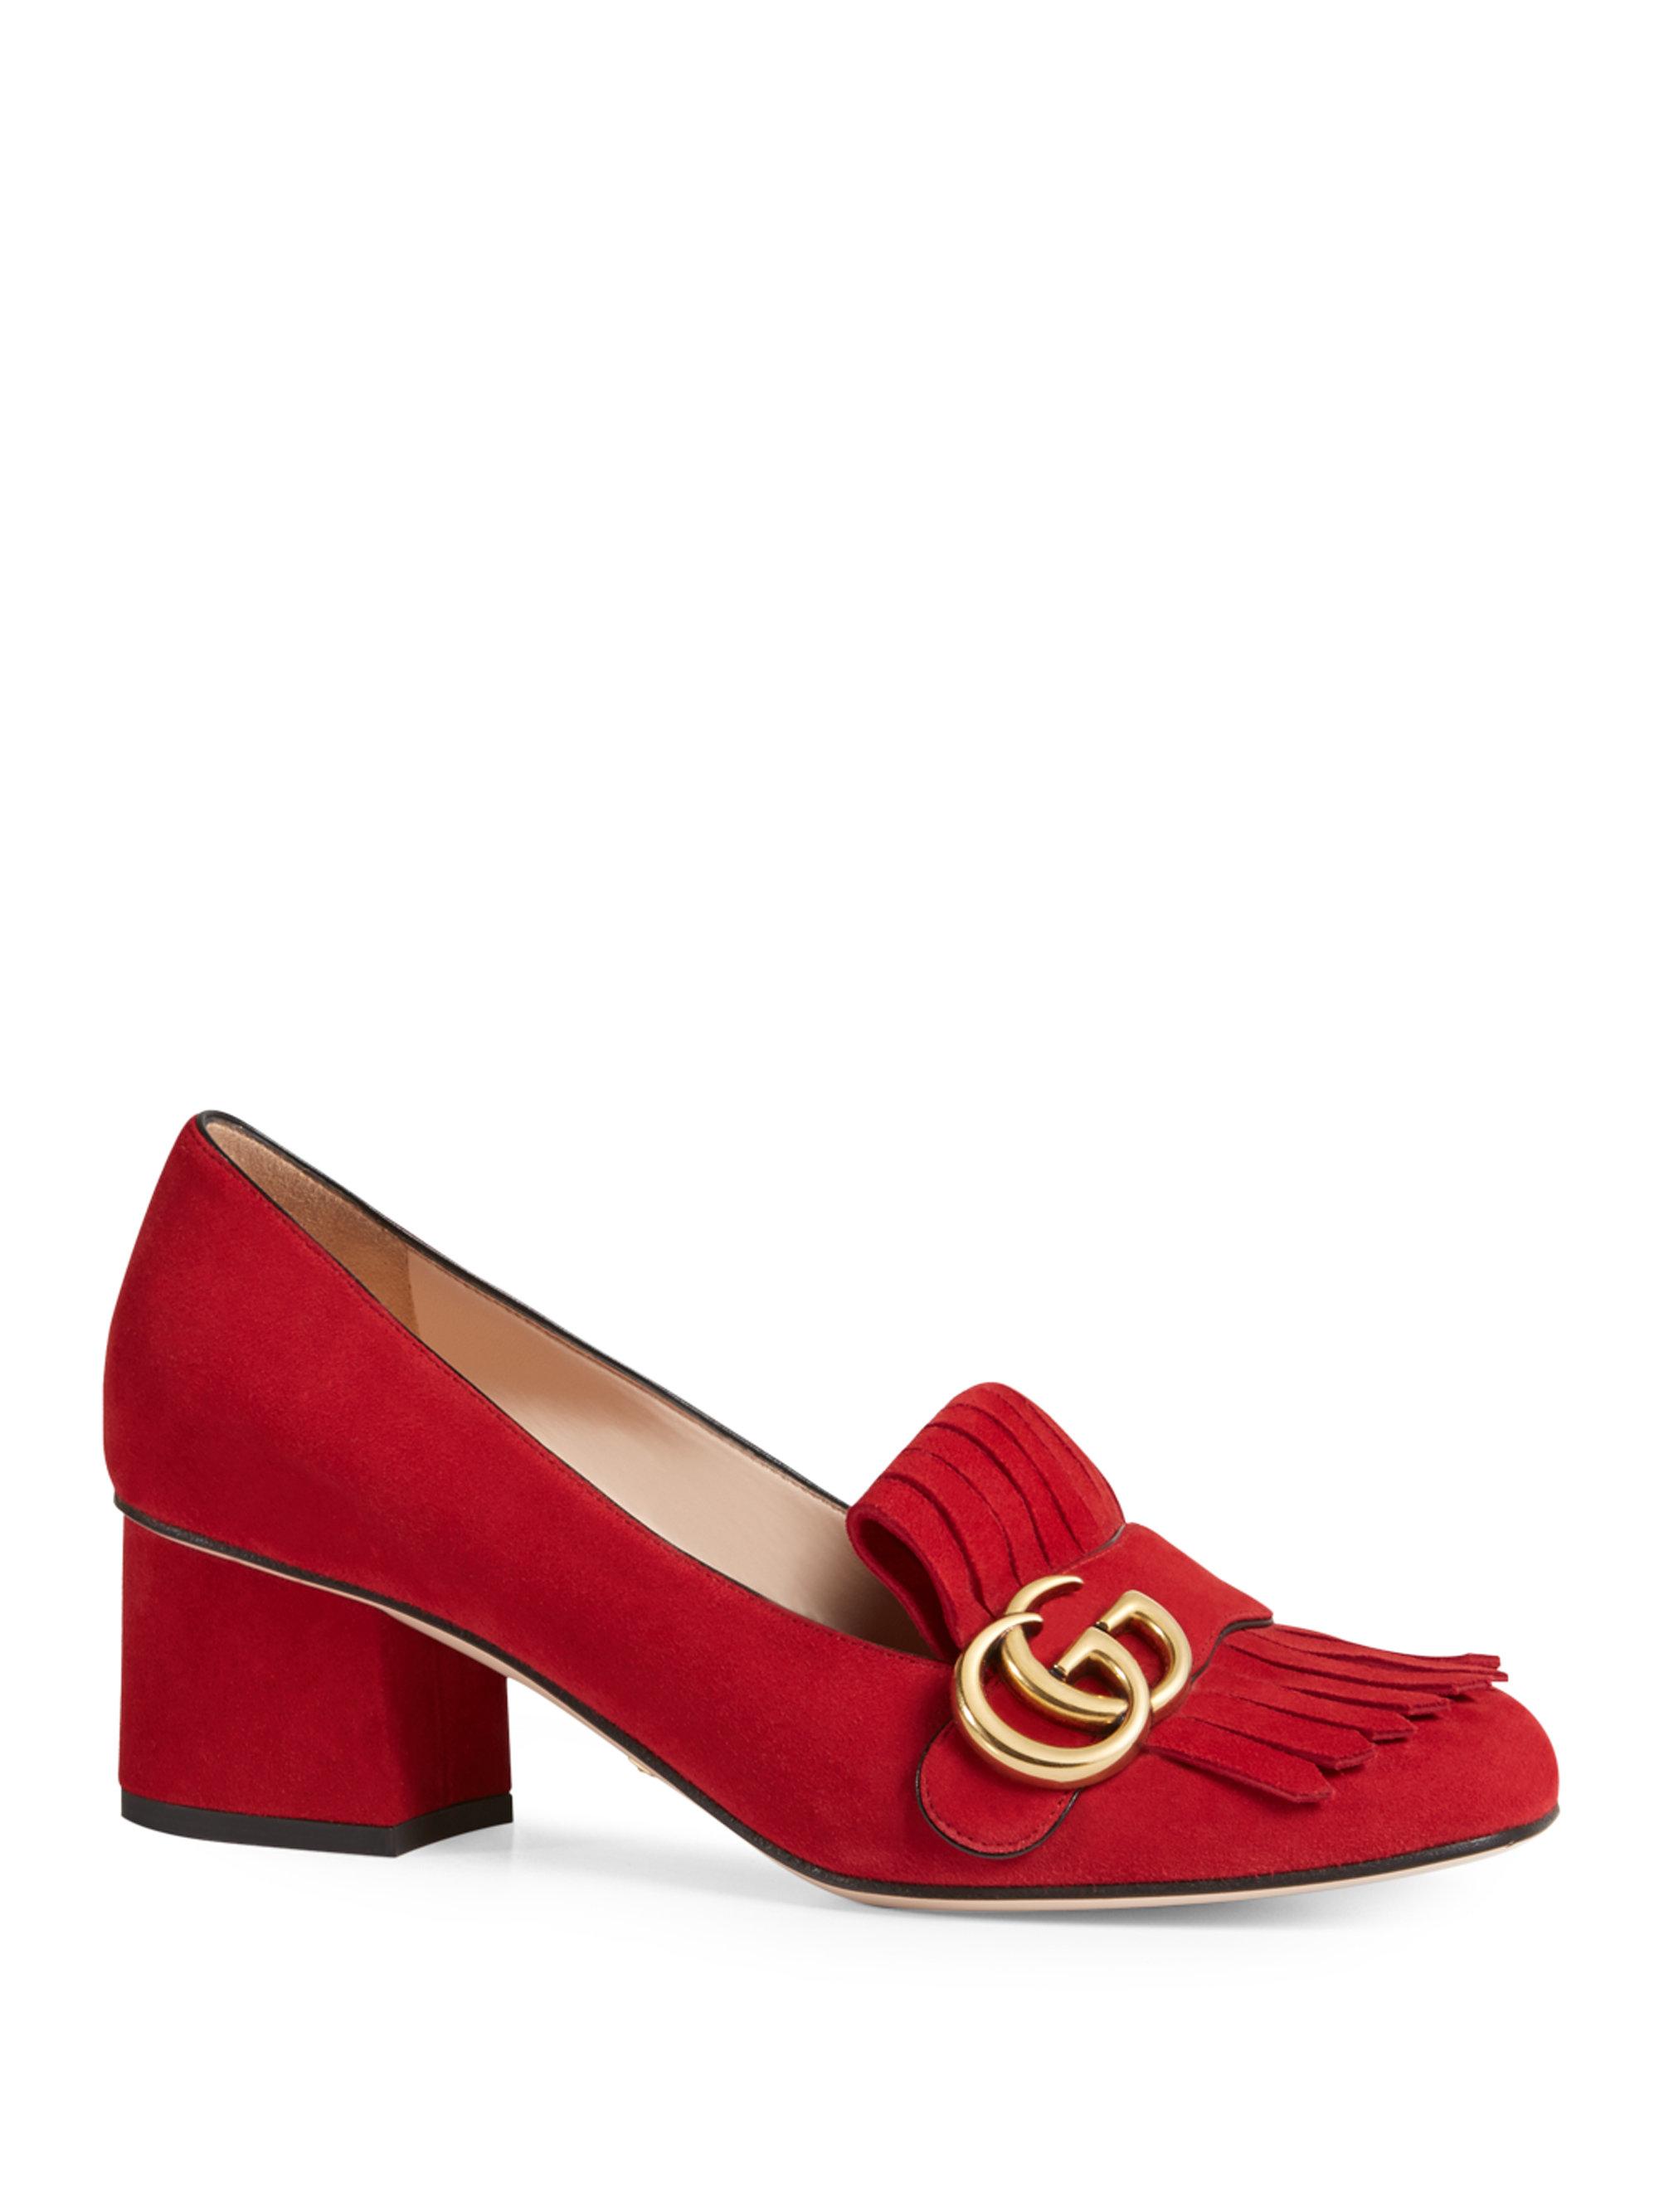 Red Low Heel Pumps